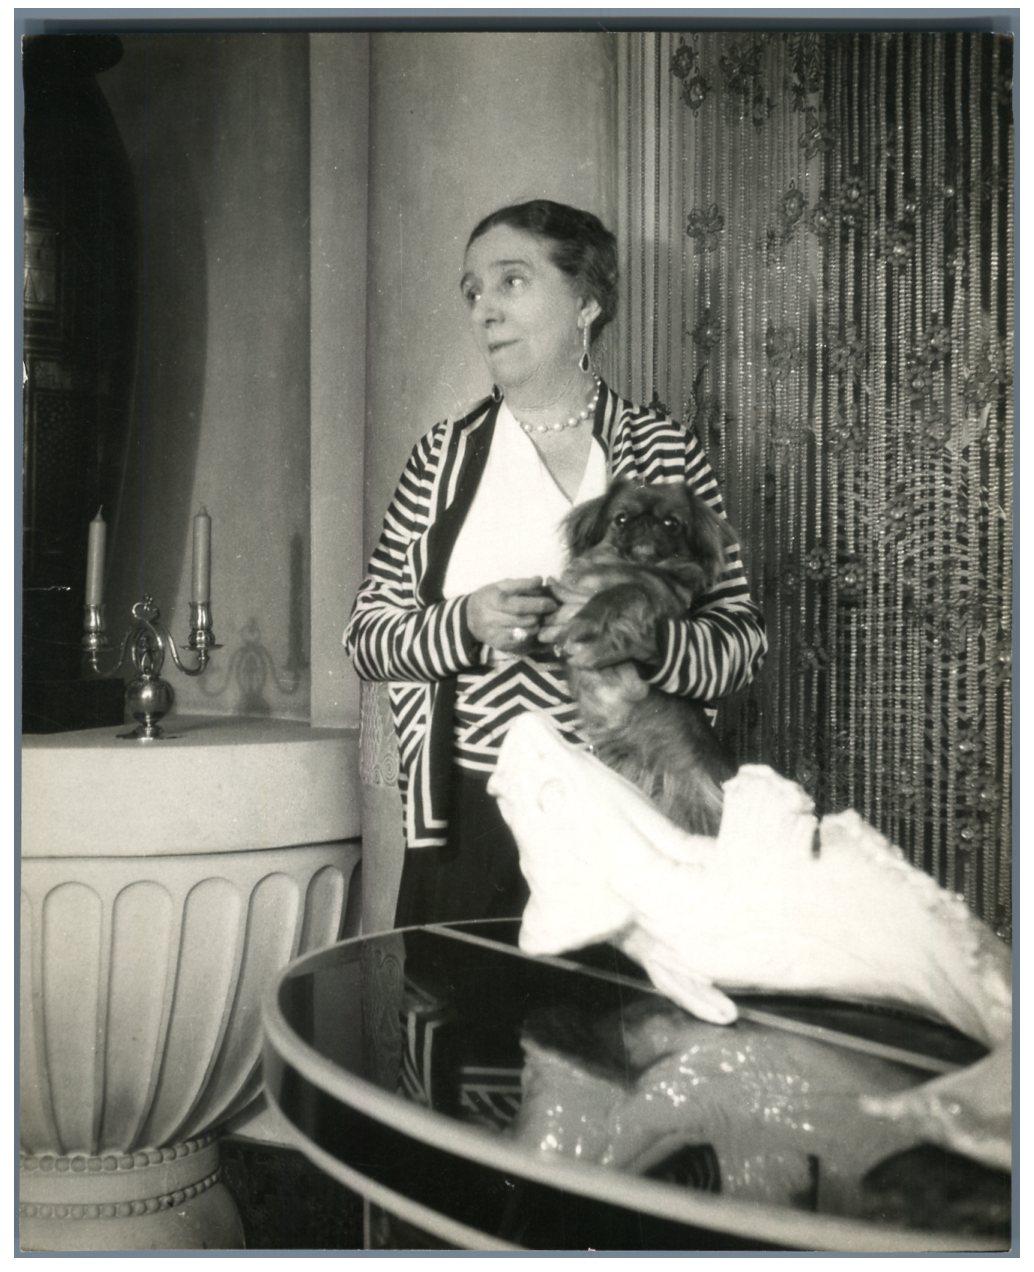 Jeanne Lanvin avec son pékinois, photographiée par Boris Lipnitzki     #Mode #Mode